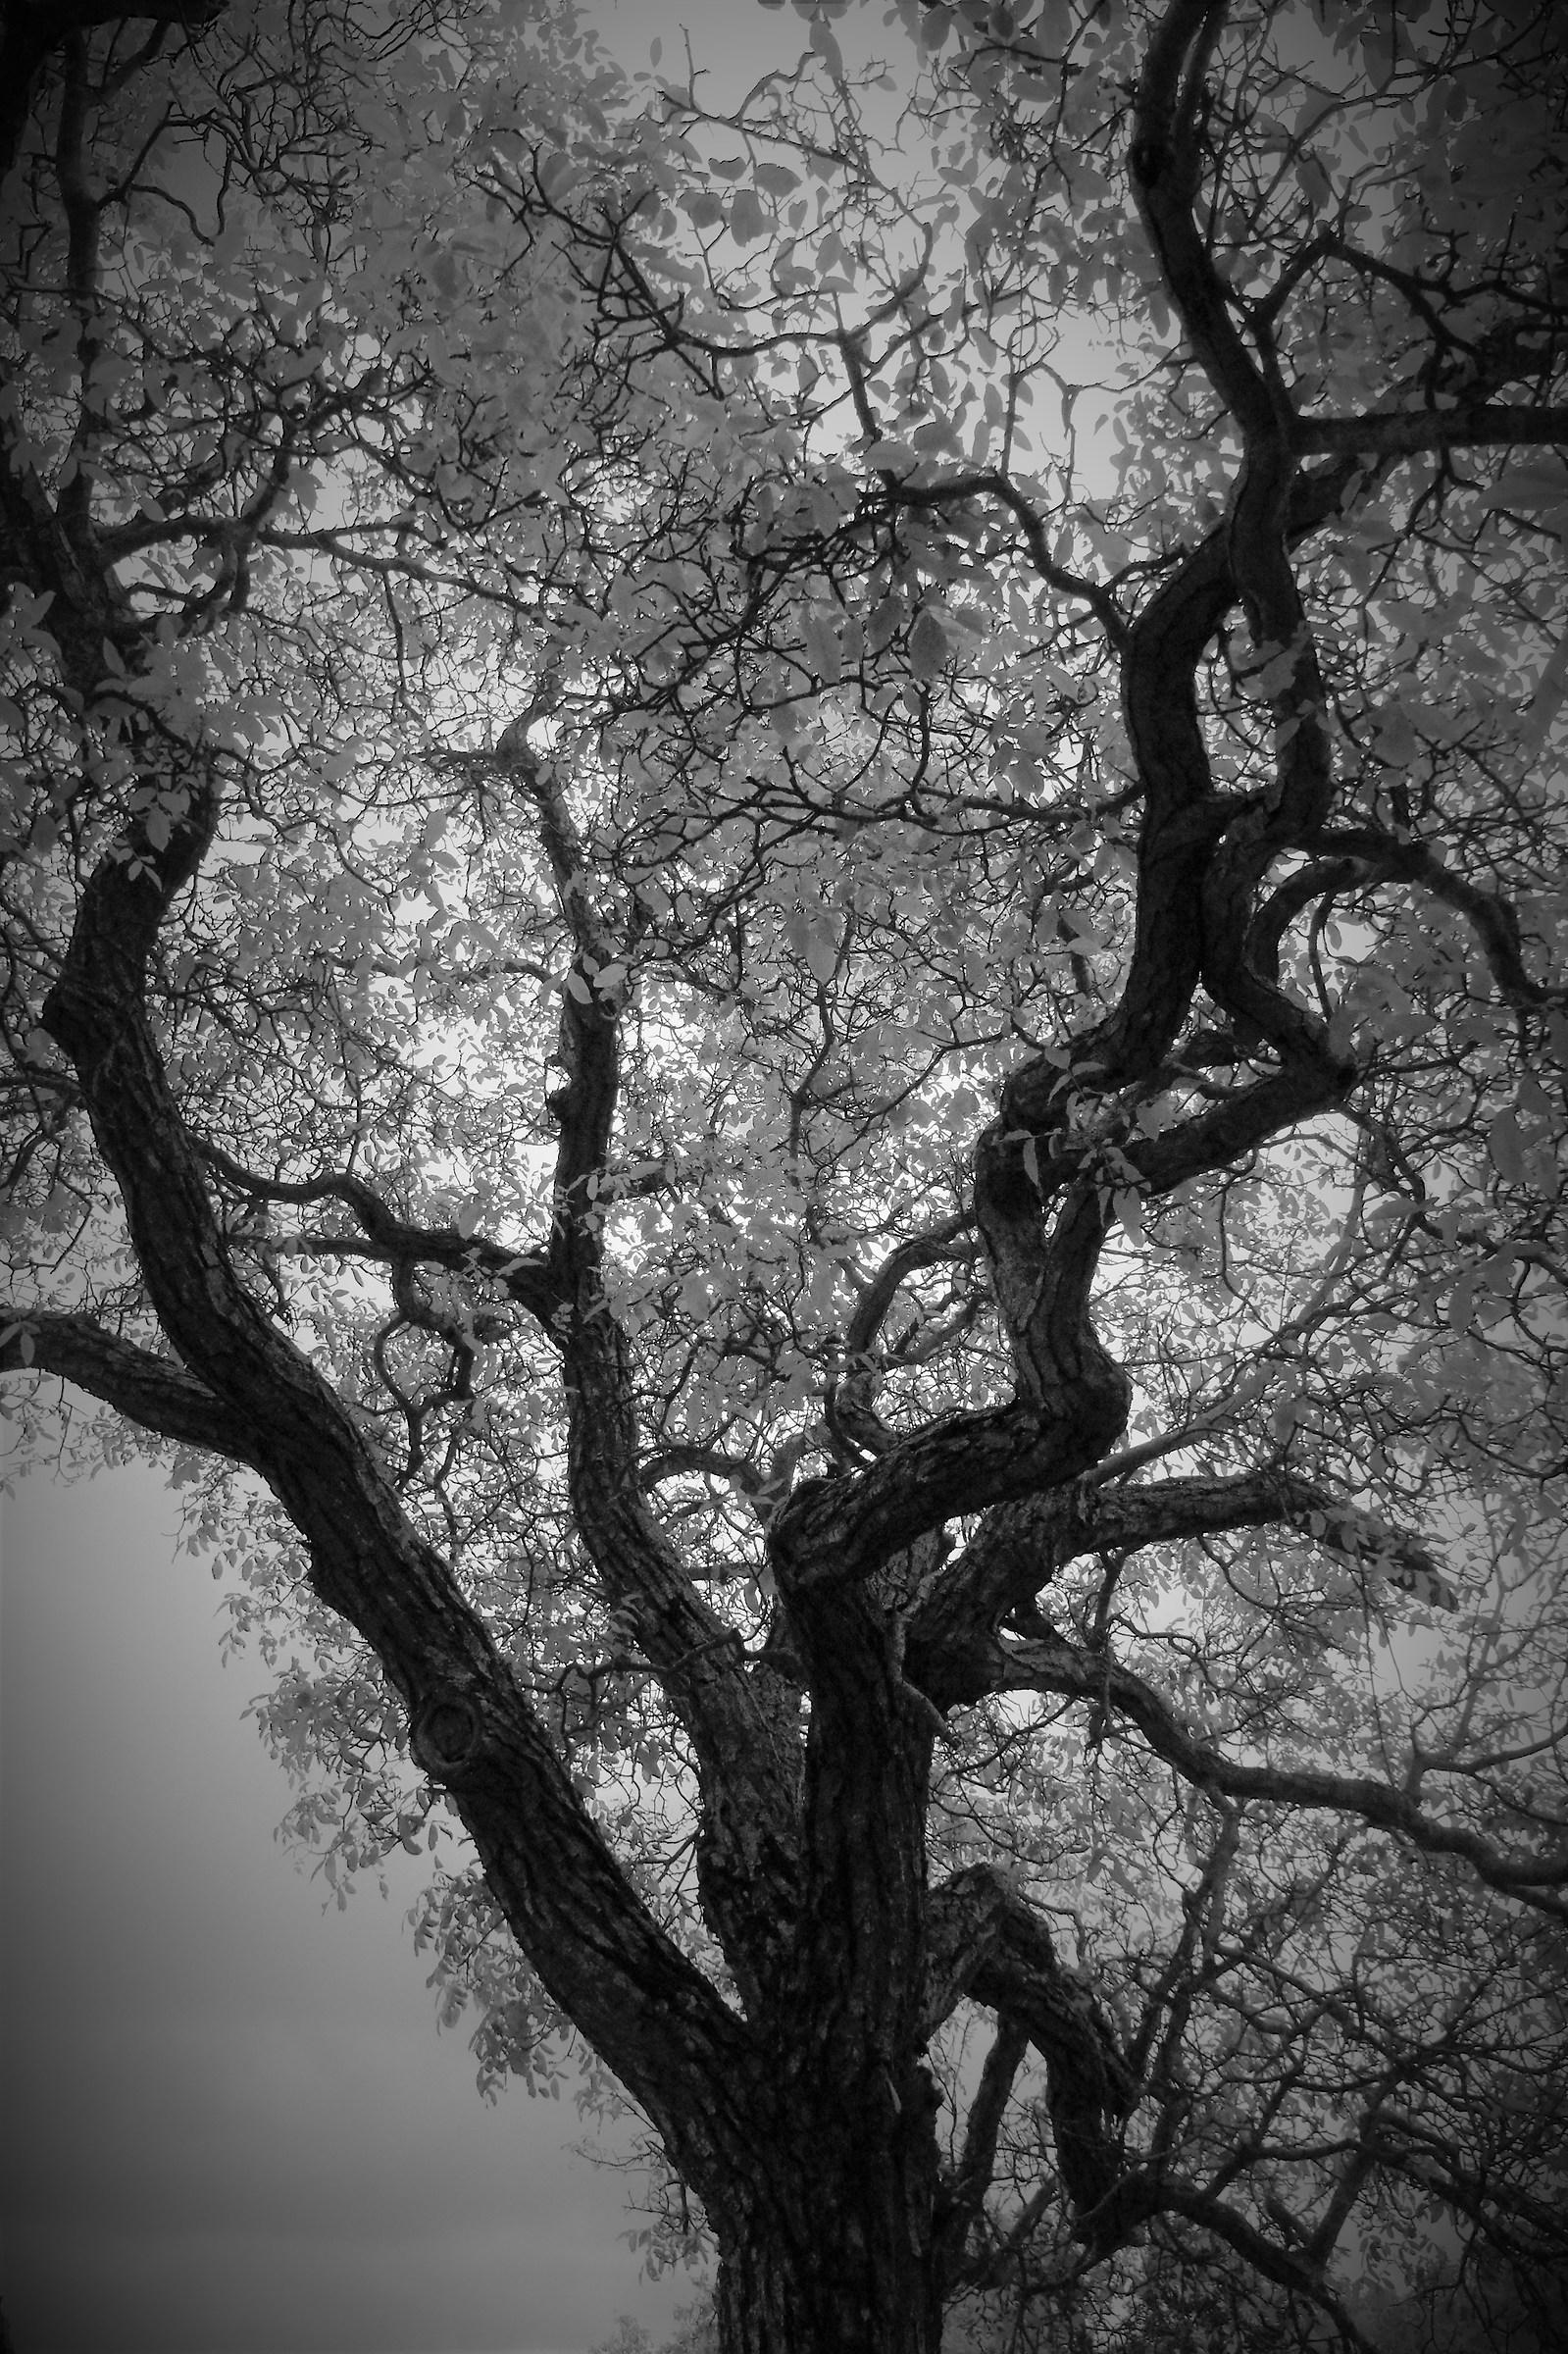 That branch ......